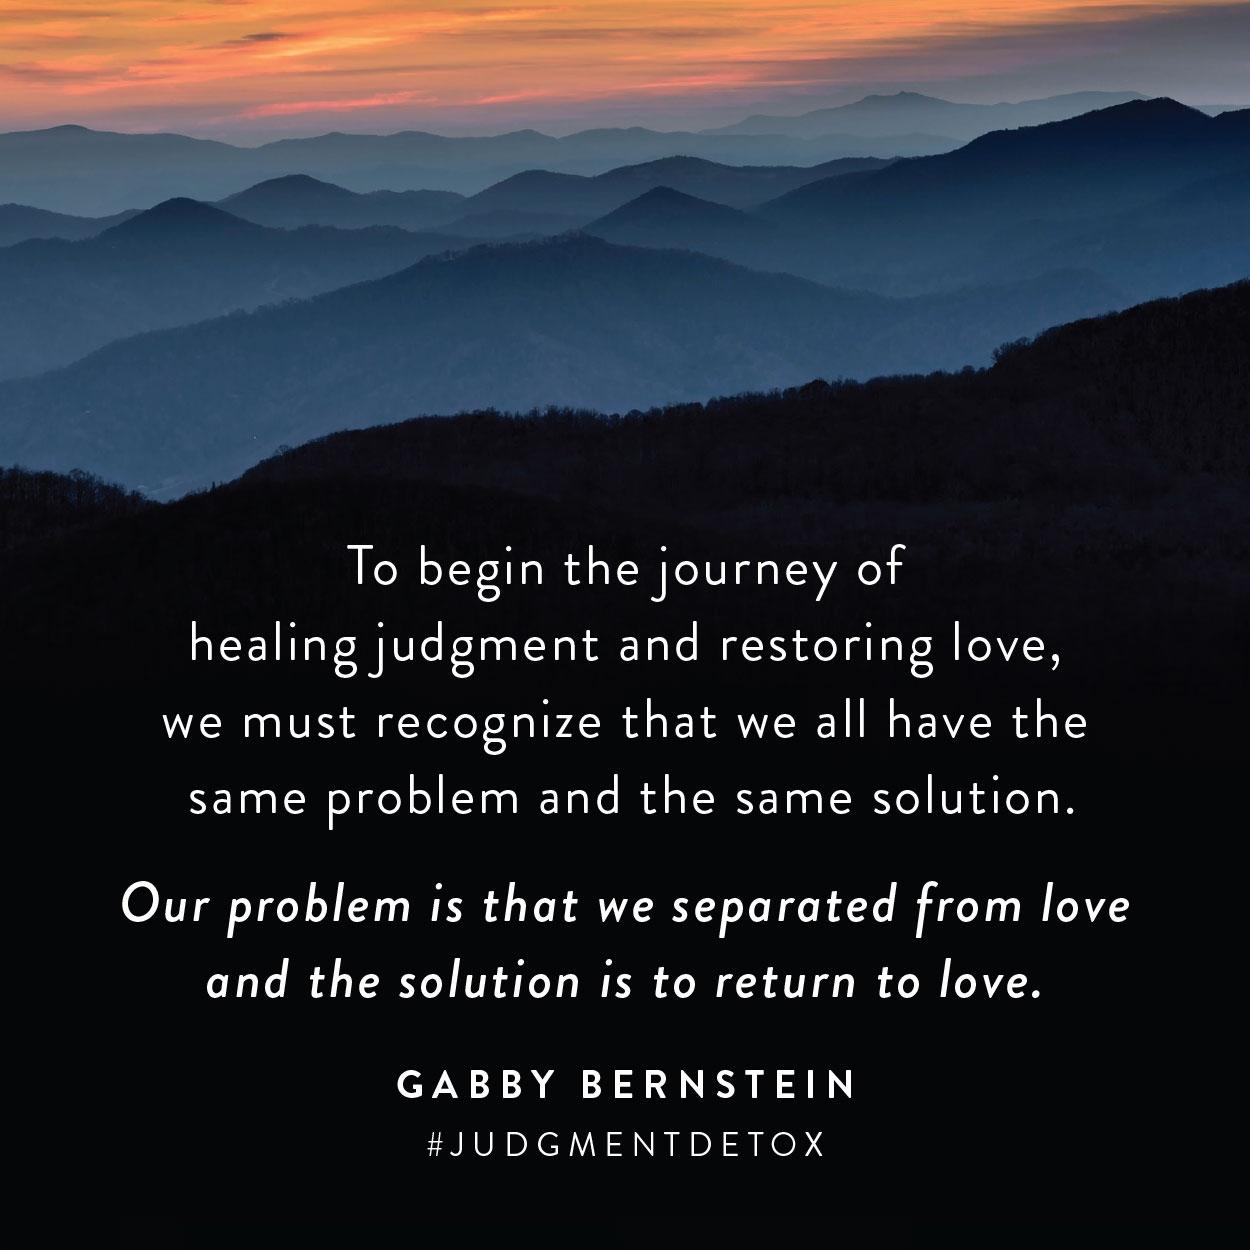 healing judgment quote gabby bernstein judgment detox